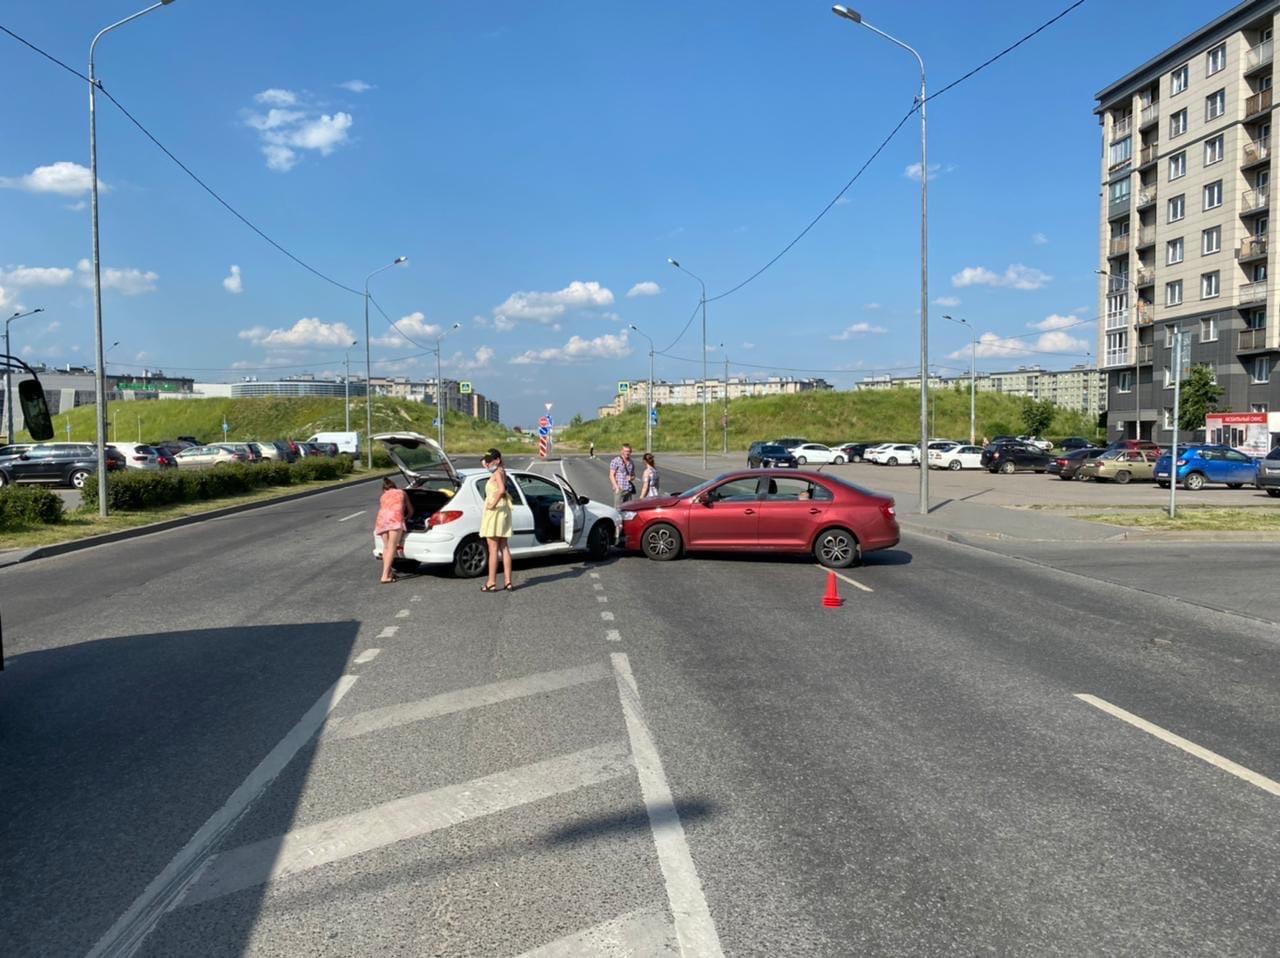 ДТП в Славянке, подскажите кто прав?